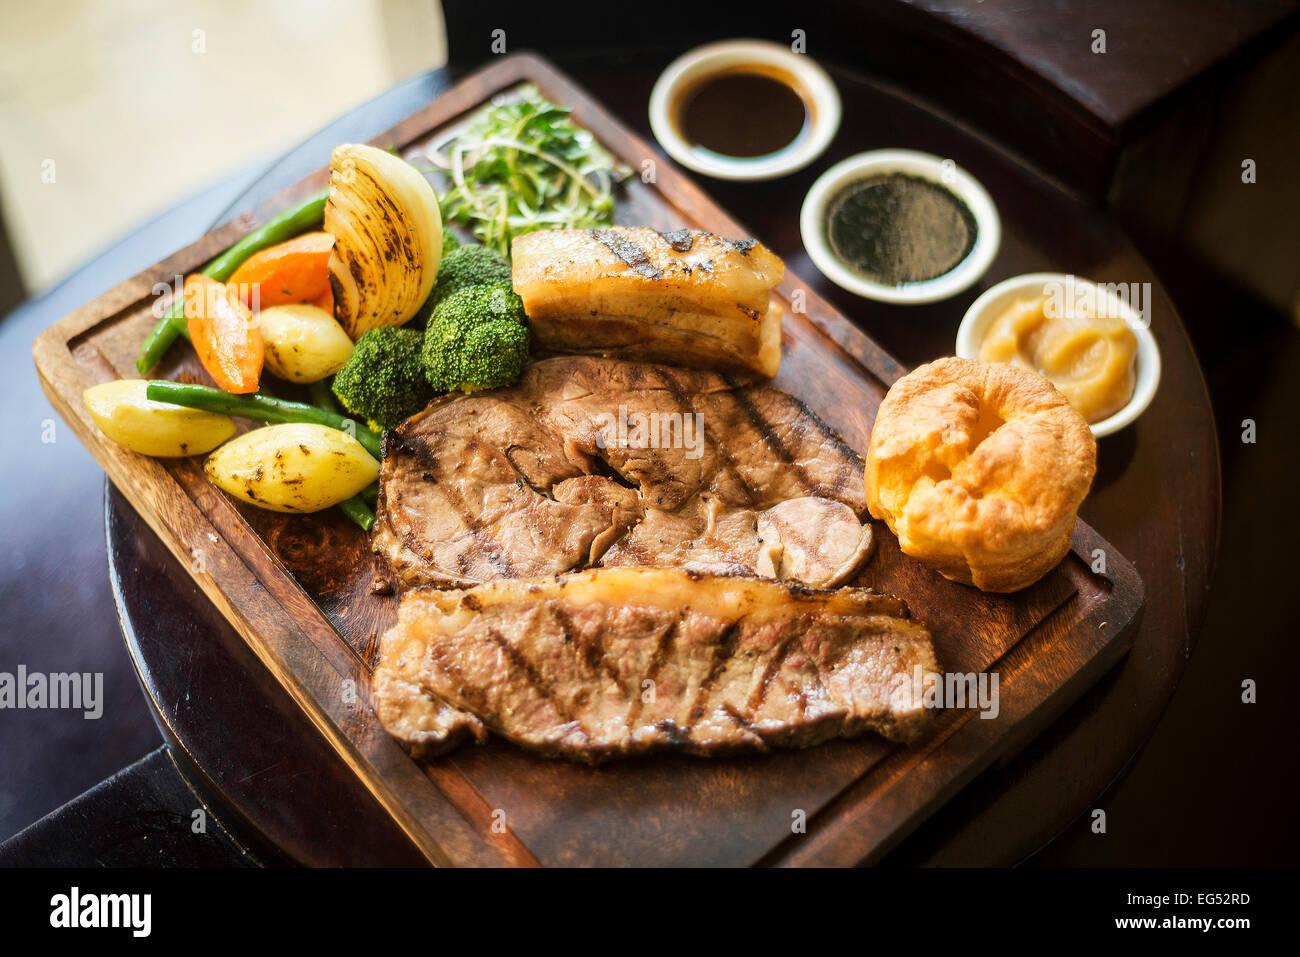 Comida inglesa tradicional asado los domingos almuerzo en restaurante acogedor pub Imagen De Stock